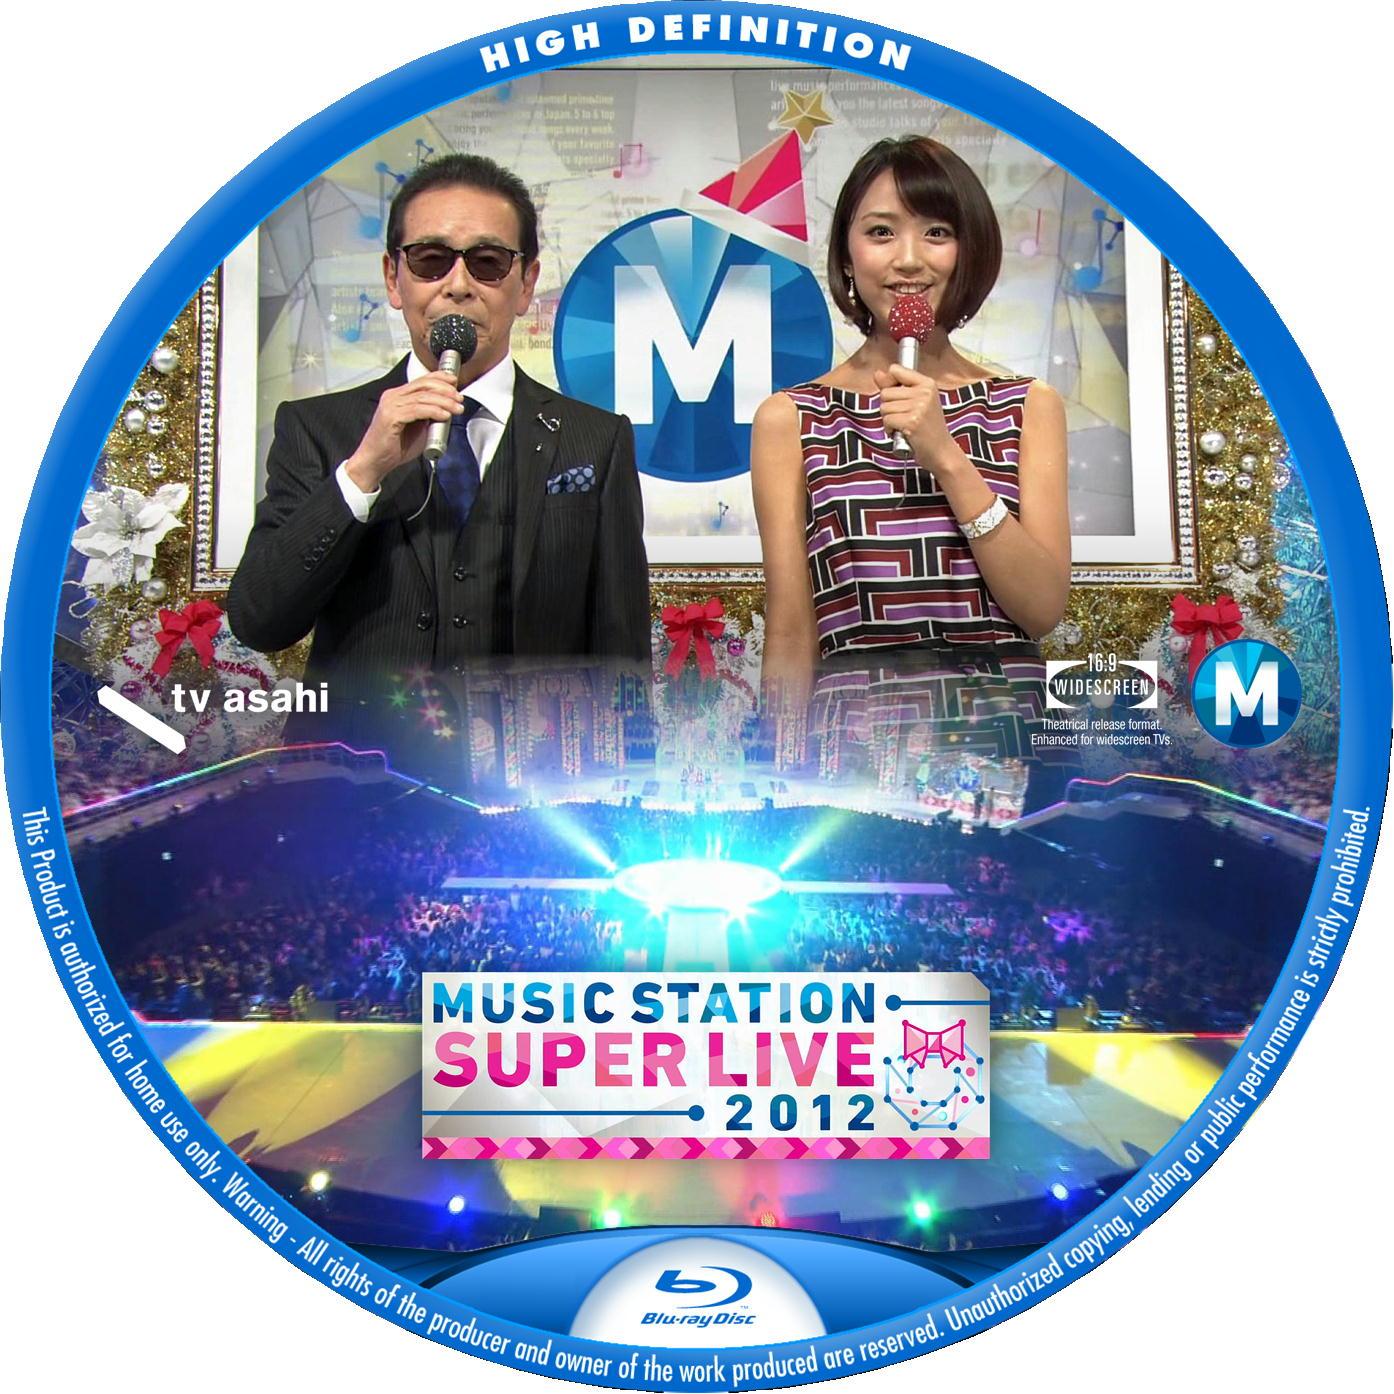 ミュージックステーション SUPER LIVE 2012 BDラベル